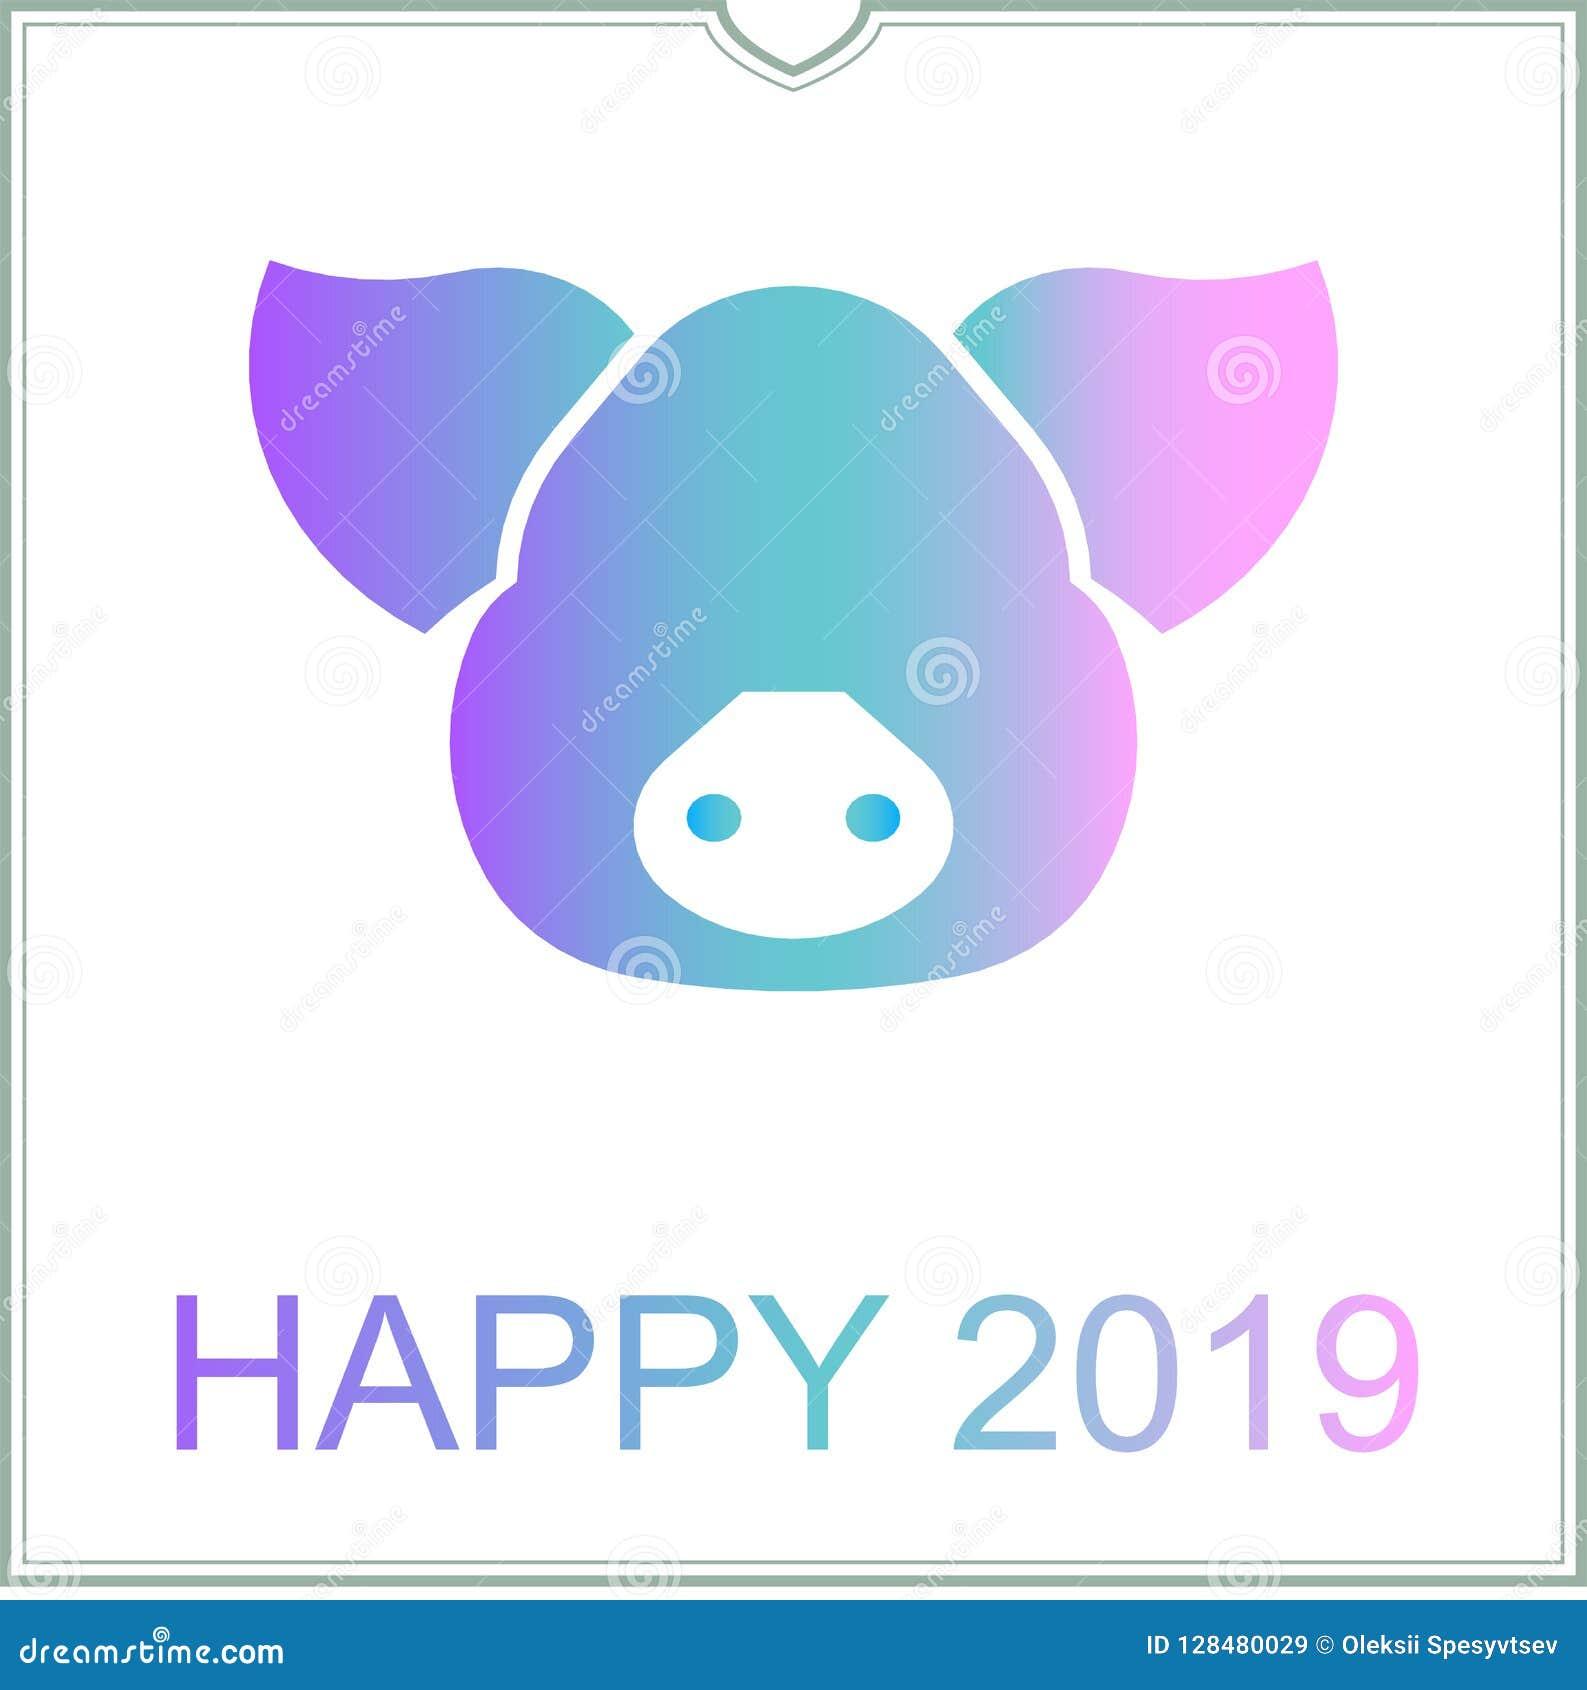 Calendario Giapponese Animali.Cartolina D Auguri 2019 L Anno Del Buon Anno Di Maiale In